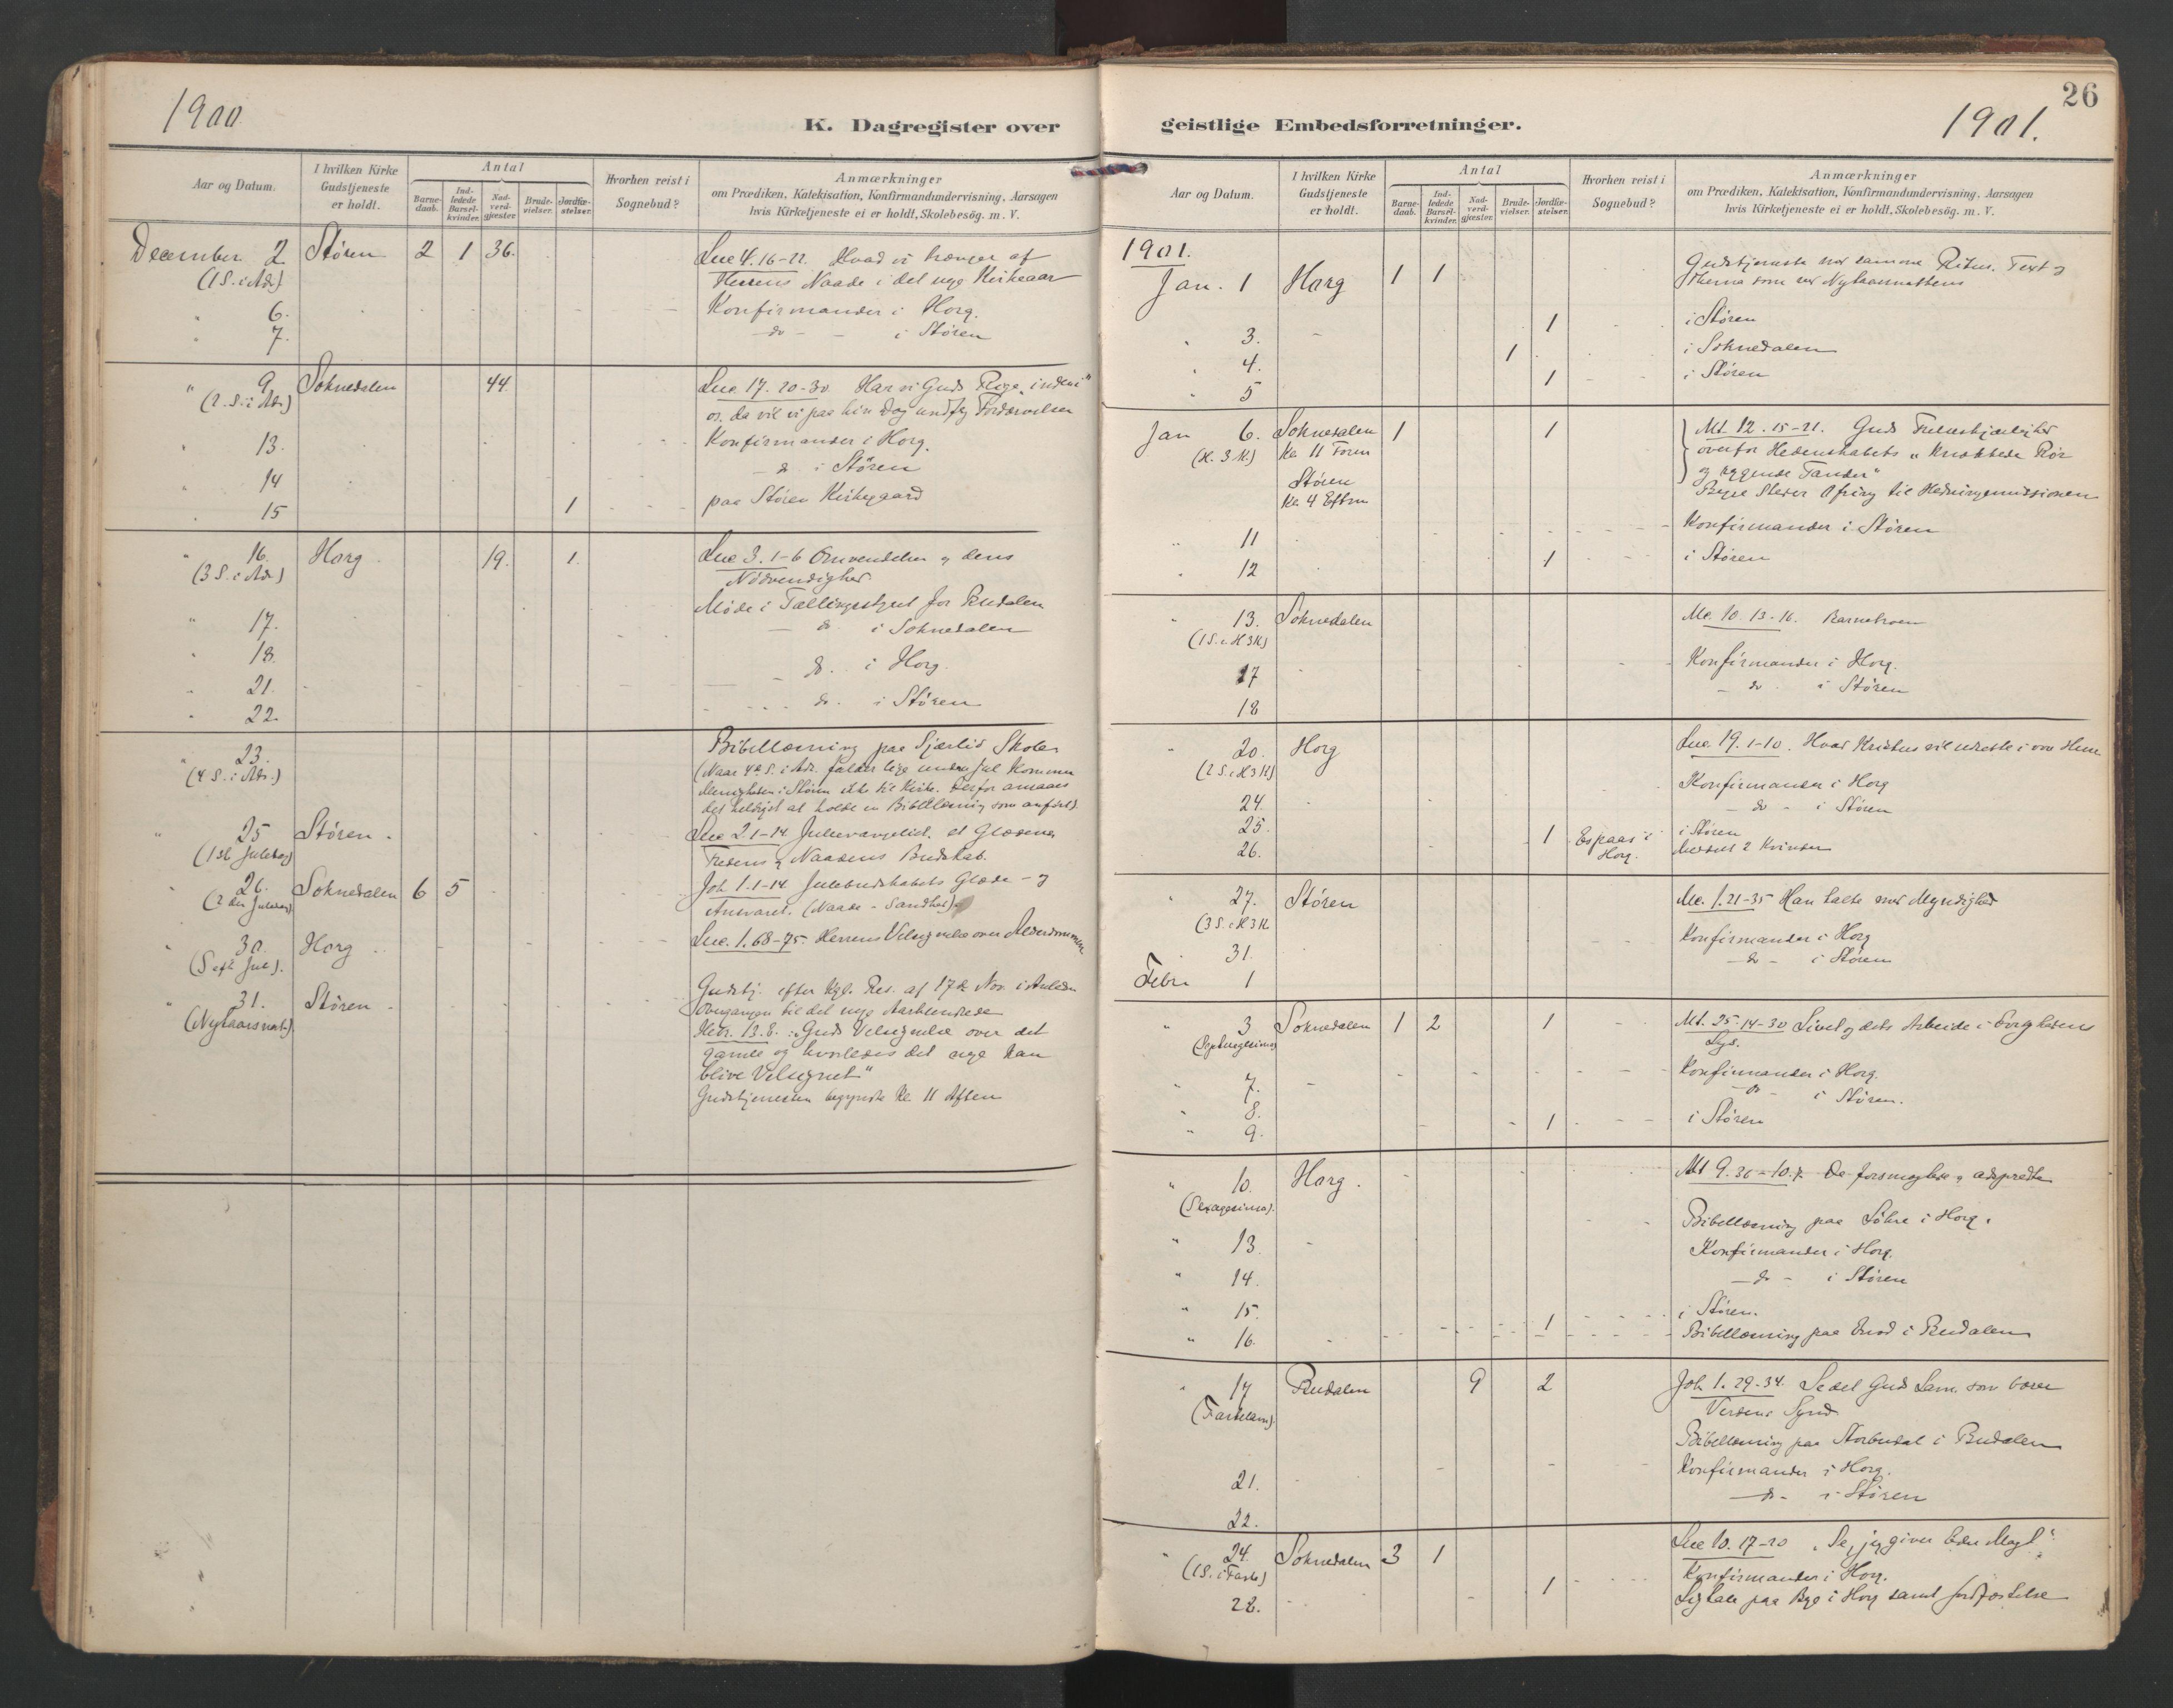 SAT, Ministerialprotokoller, klokkerbøker og fødselsregistre - Sør-Trøndelag, 687/L1005: Diary records no. 687A11, 1891-1912, p. 26